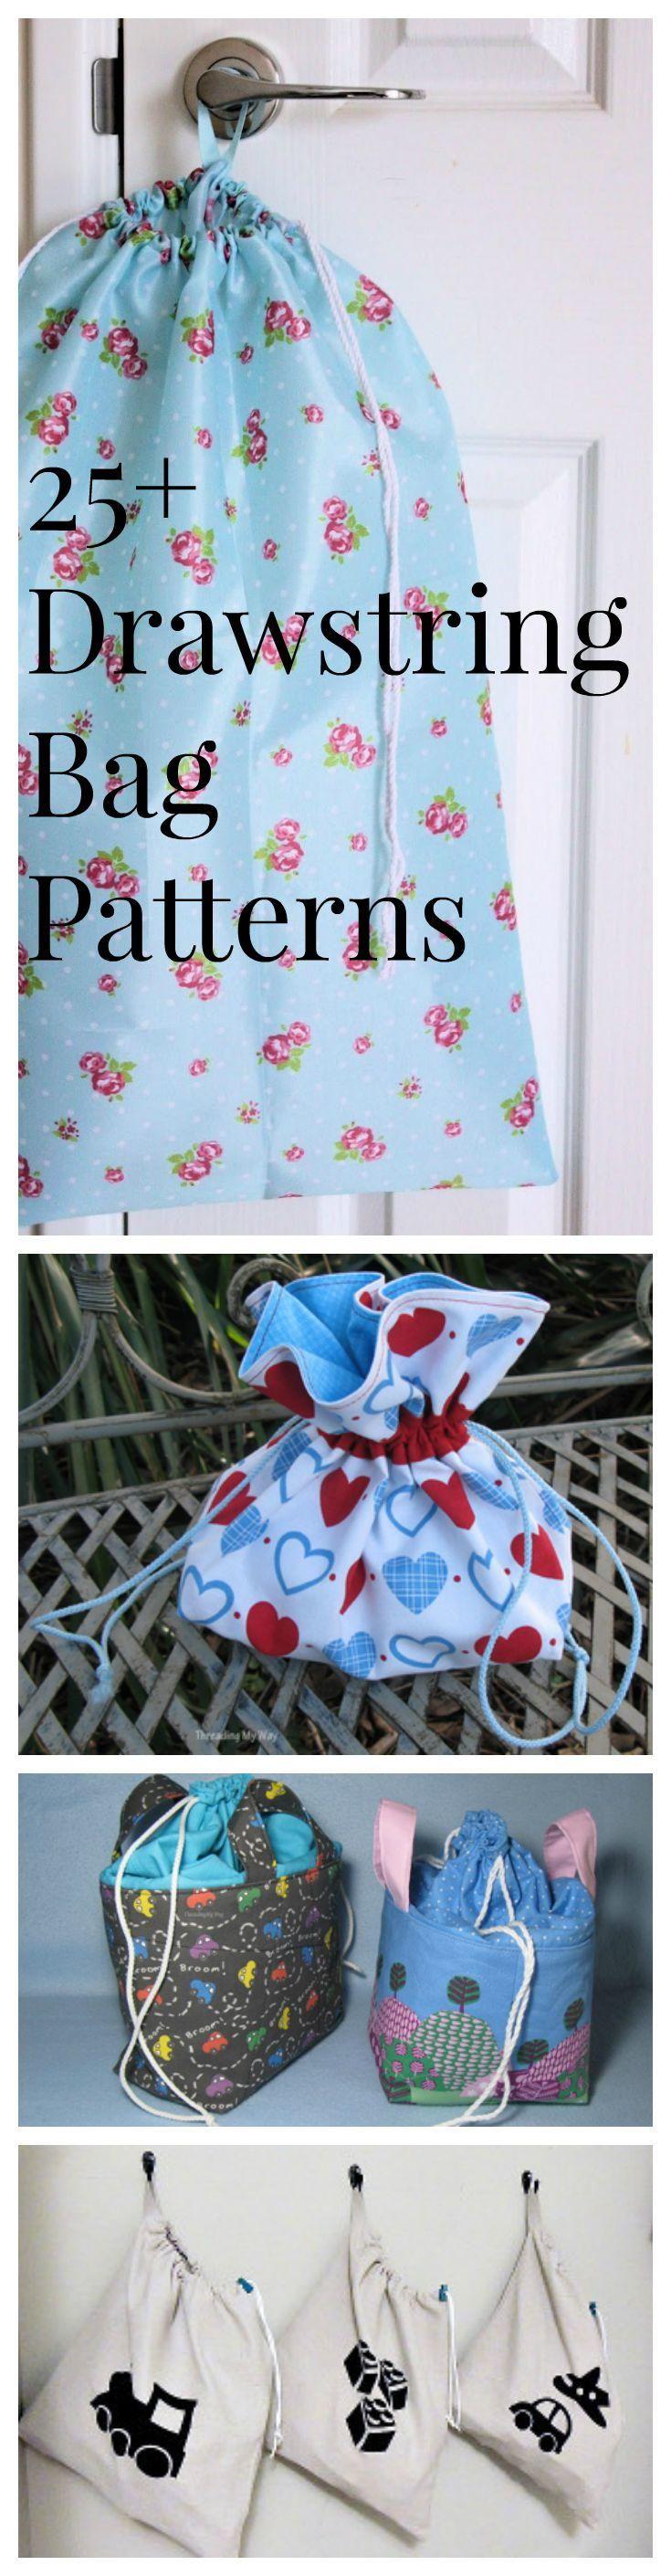 28 Handy Dandy Drawstring Bag Sewing Patterns & Tutorials | Kleine ...